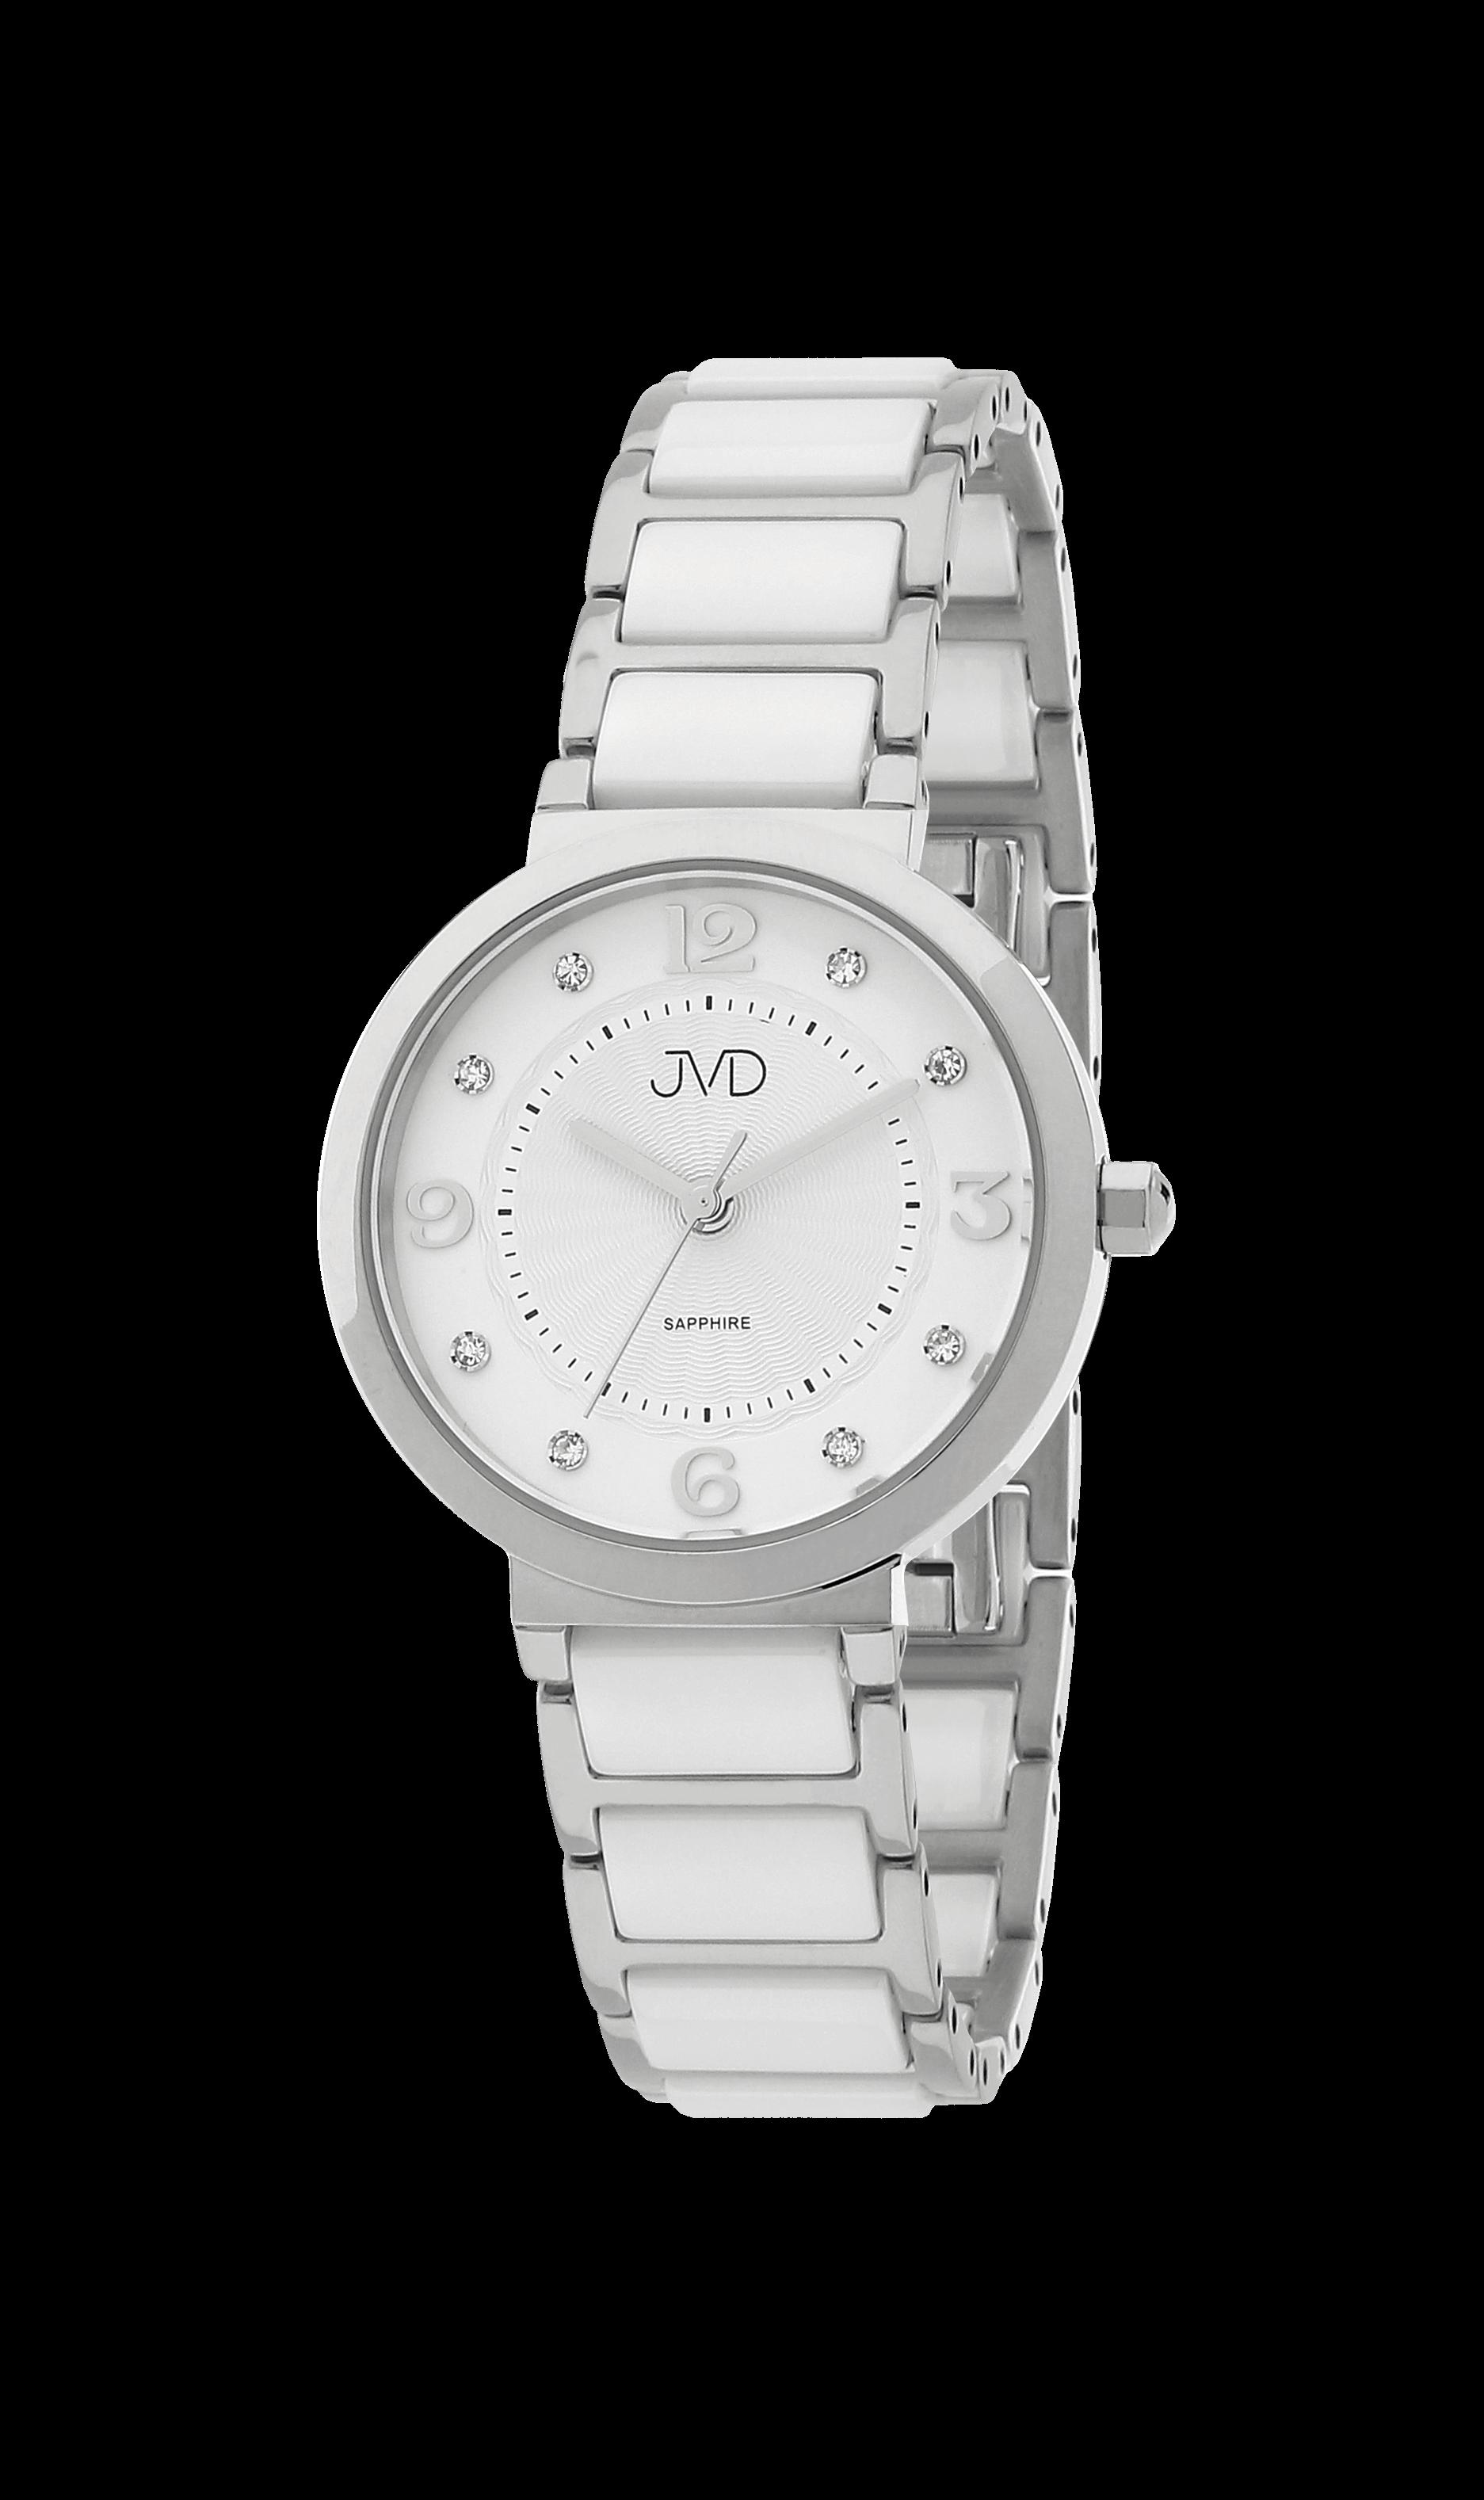 a3d68827c Dámské náramkové hodinky JVD JG1004.1 se safírovým sklem a keramickými prvky